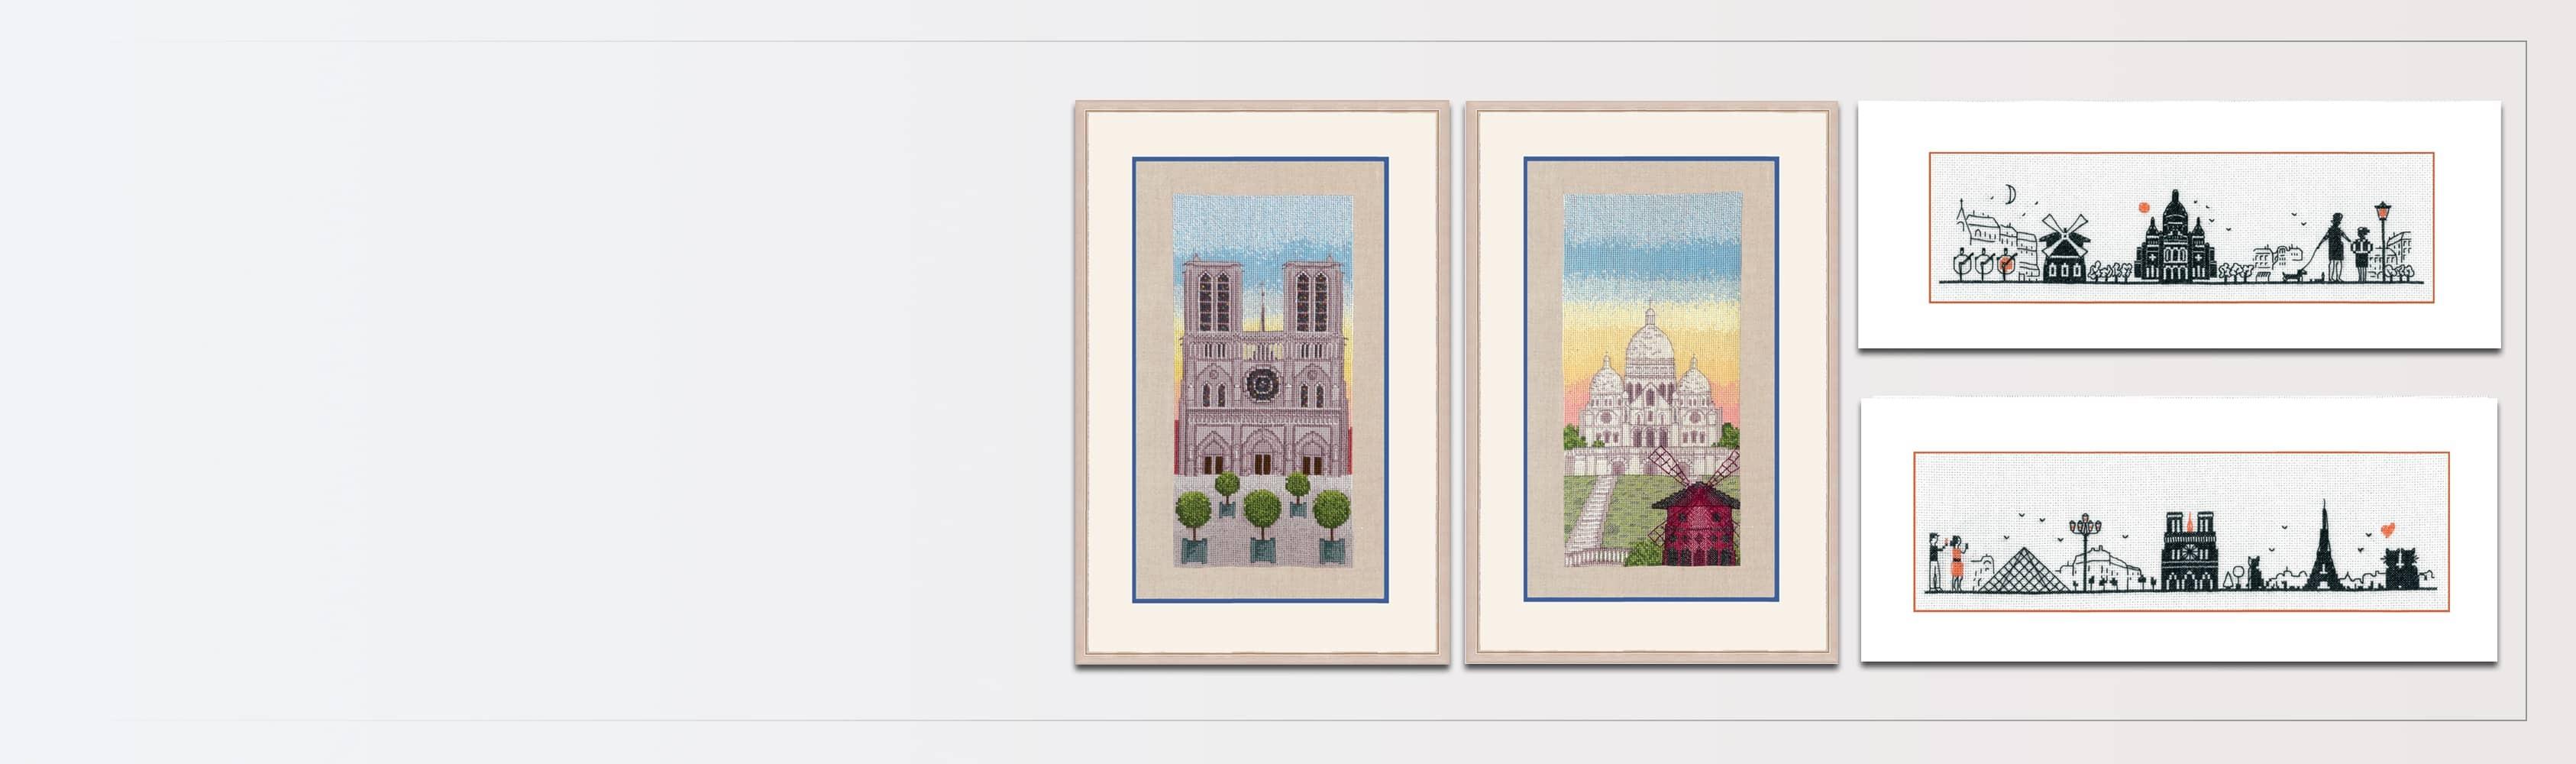 Monuments de Paris. Rive gauche et rive droite. Kits à broder au point de croix, point compté. Le Bonheur des Dames